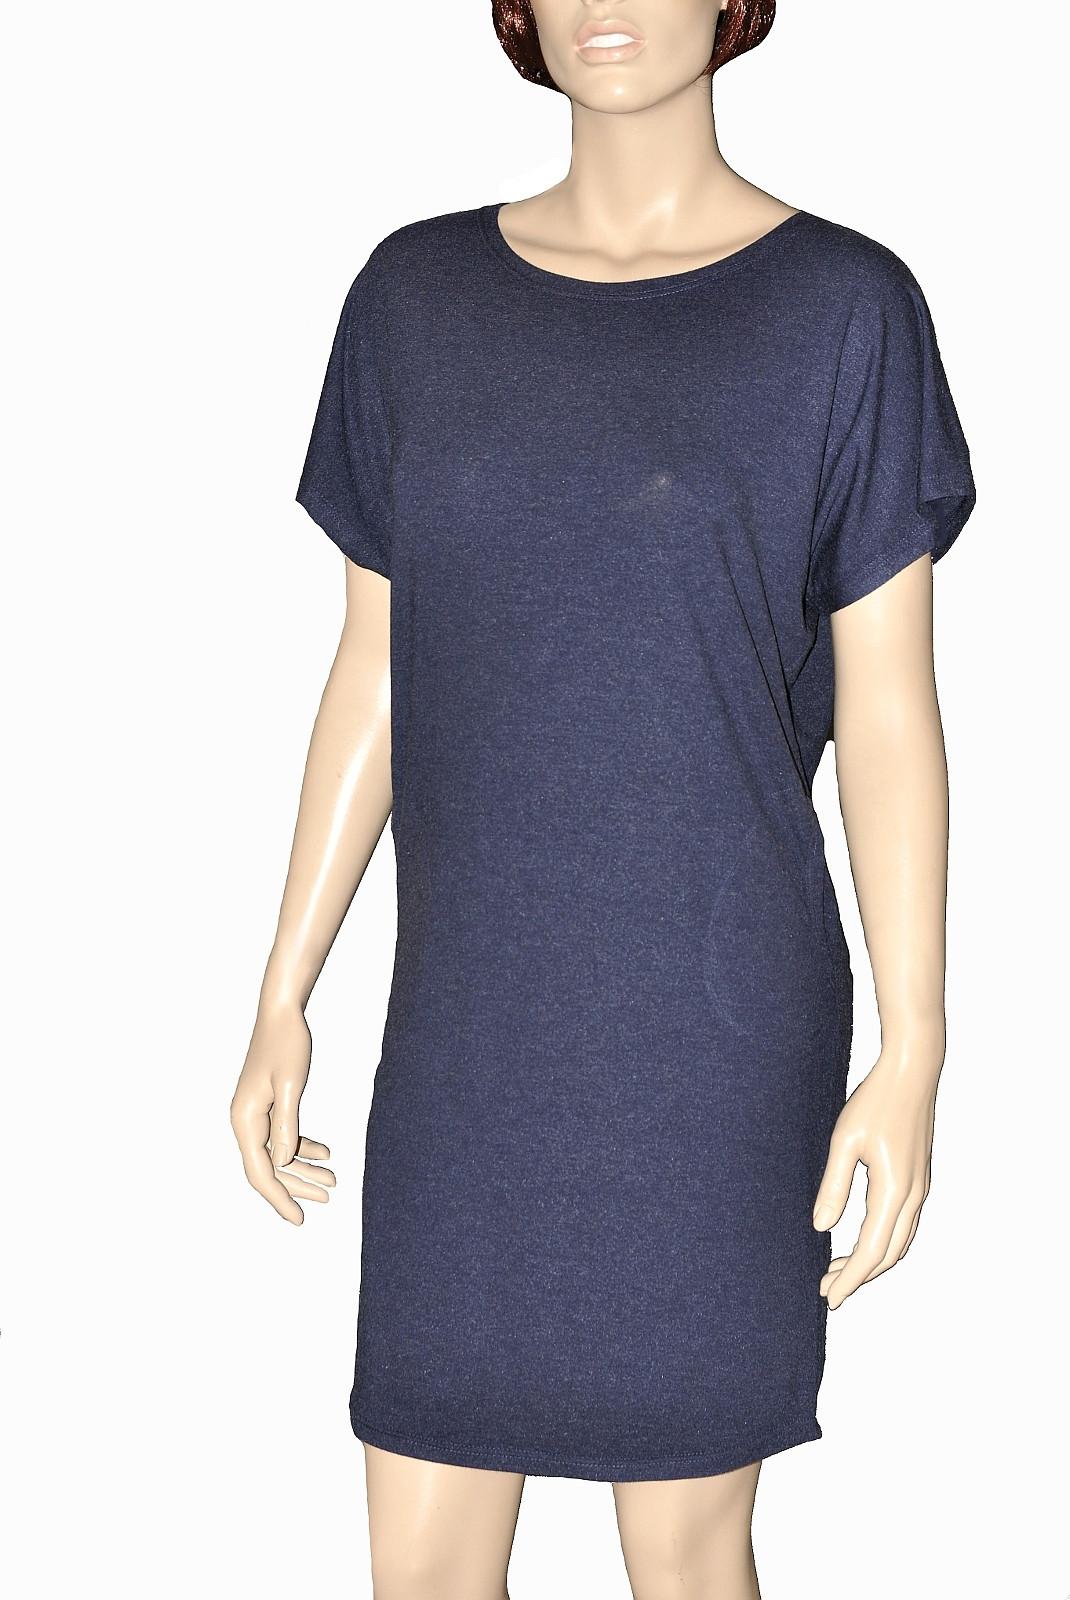 Dámská noční košile De Lafense Paula 523 tmavě modrá L